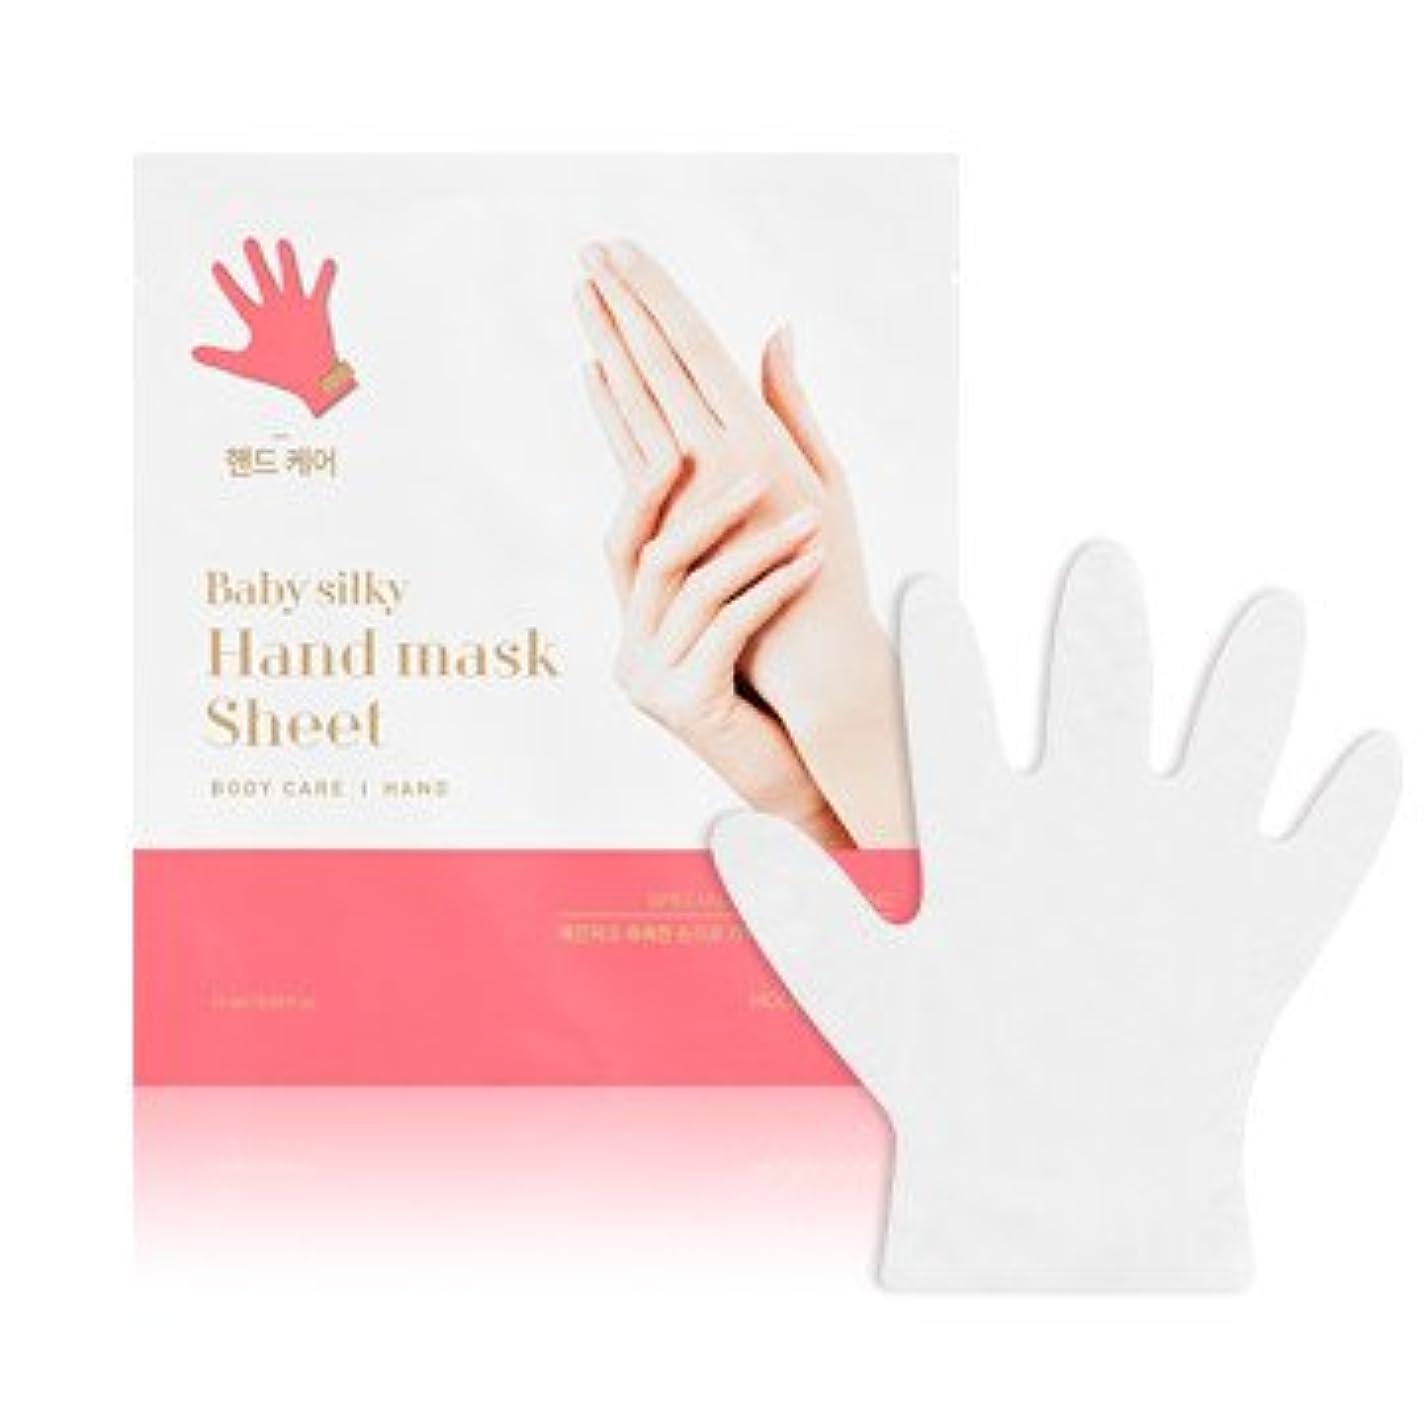 面寝室願望[Holika Holika/ホリカホリカ] ベビーシルキーハンド マスクシート ?しっとり?/ Baby Silky hand Mask Sheet 6EA [並行輸入品]